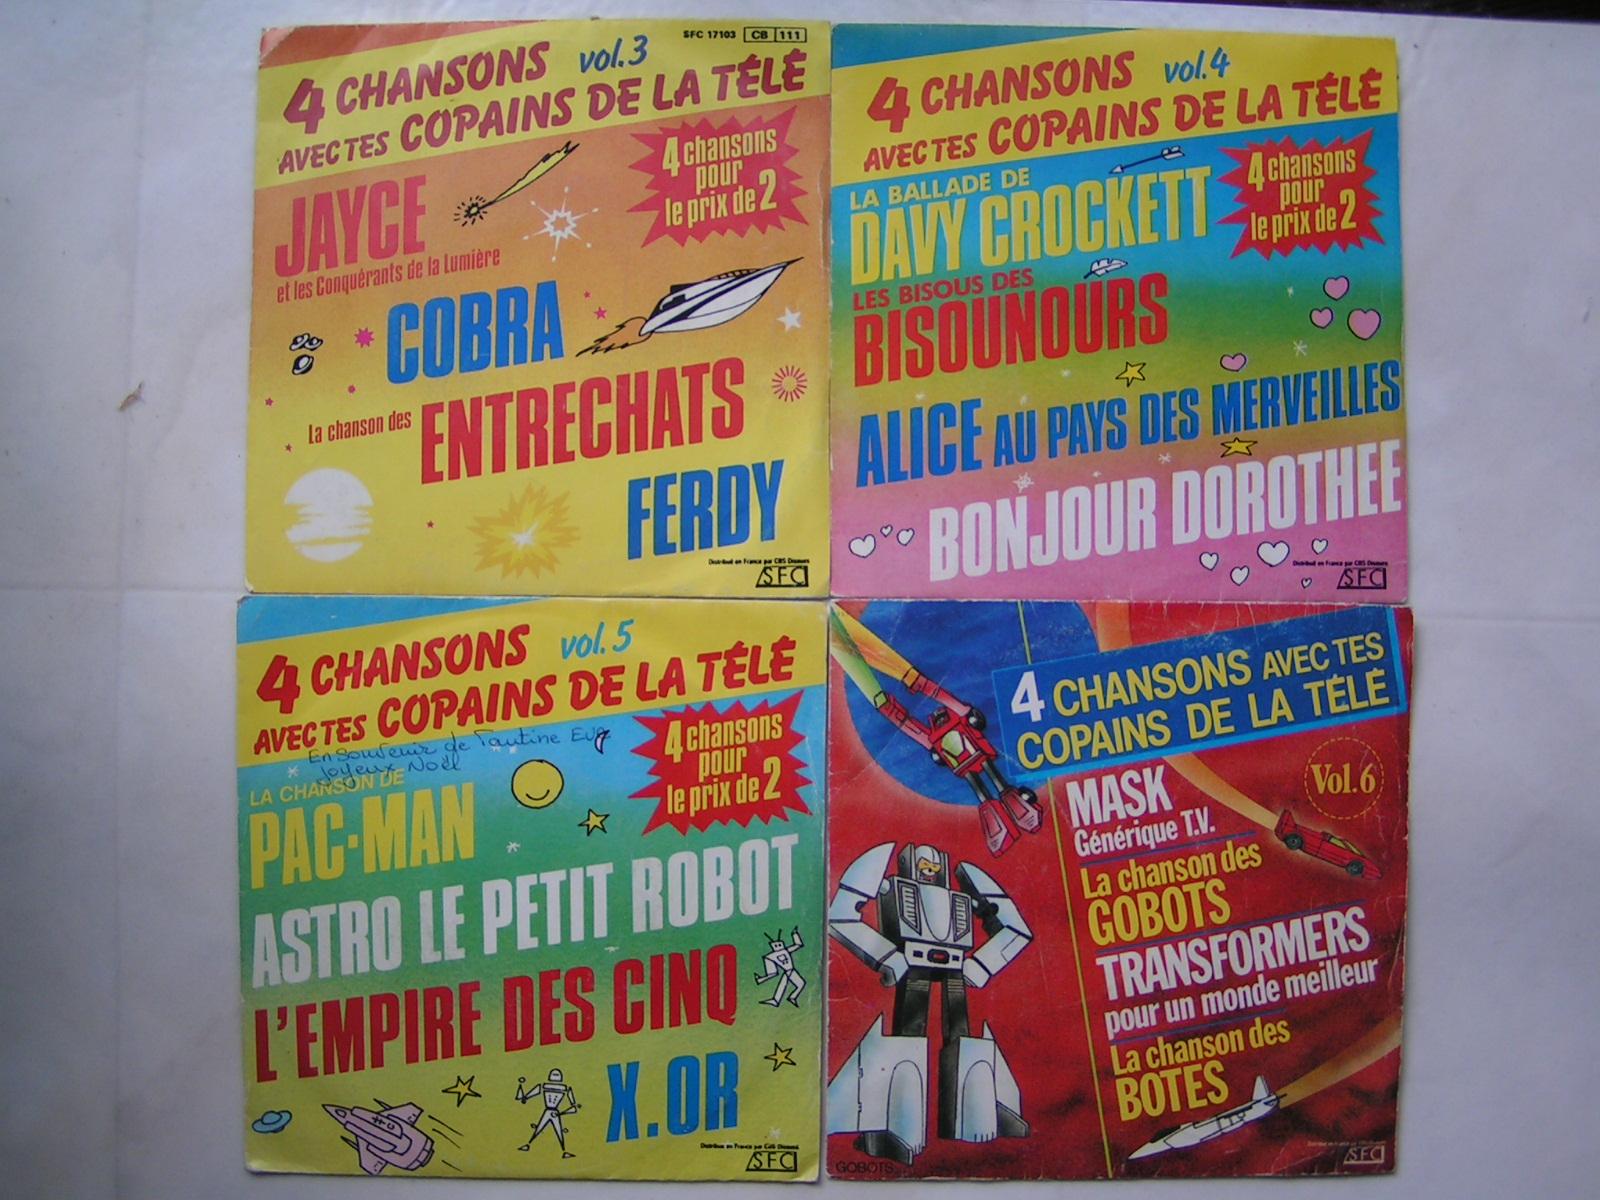 Dorothée et AB Productions Pict0003kw